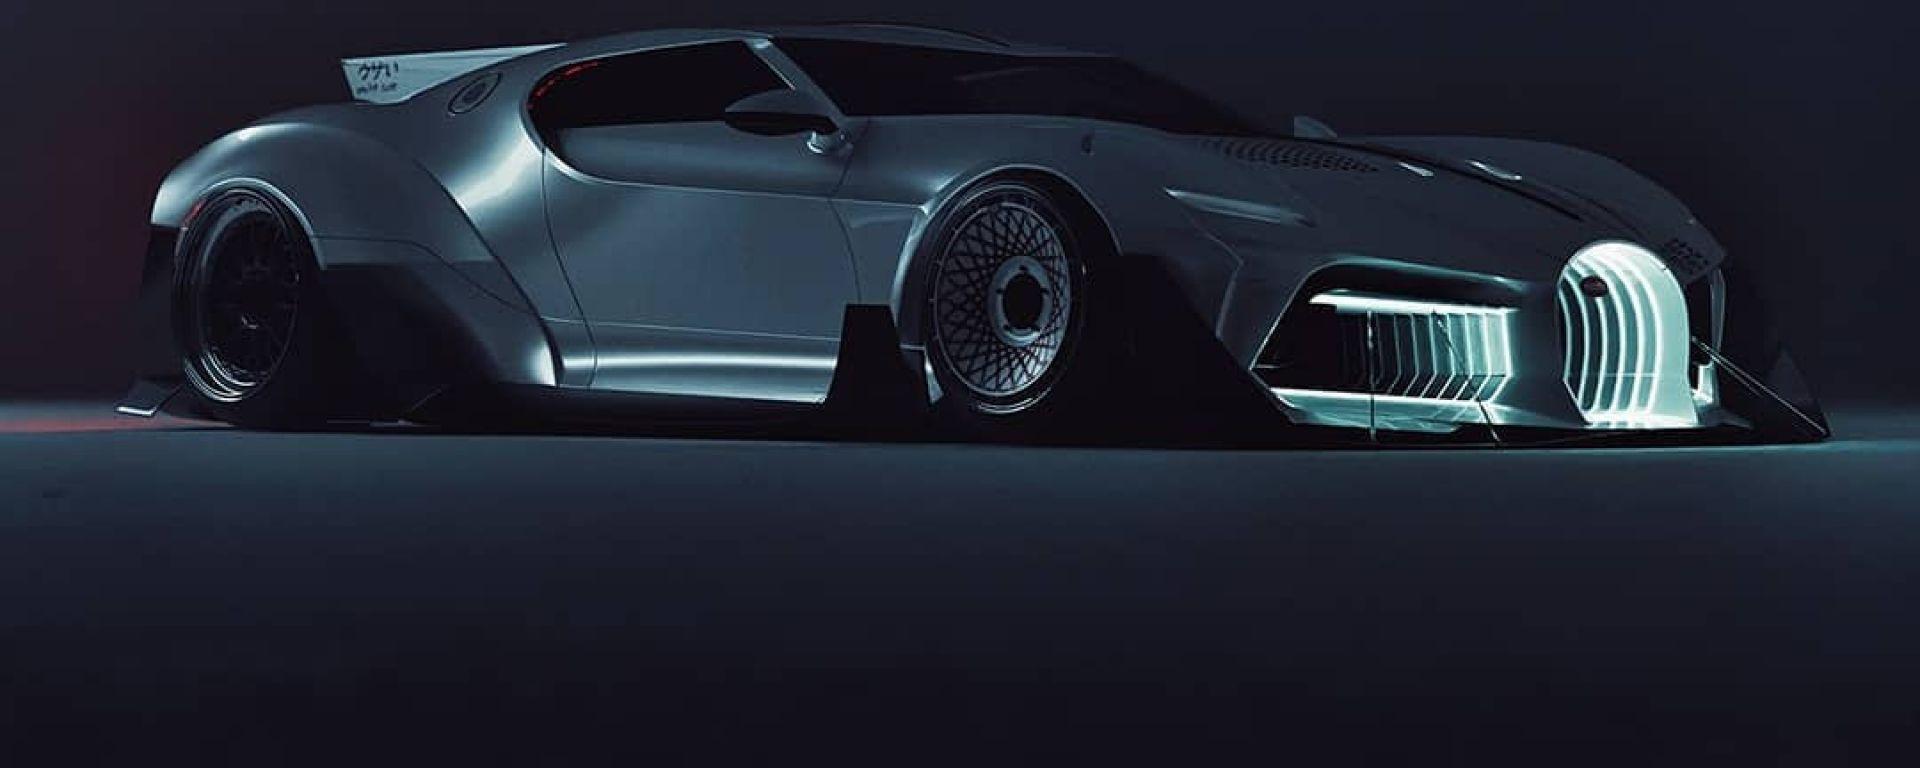 Bugatti La Voiture Blanche: 3/4 anteriore